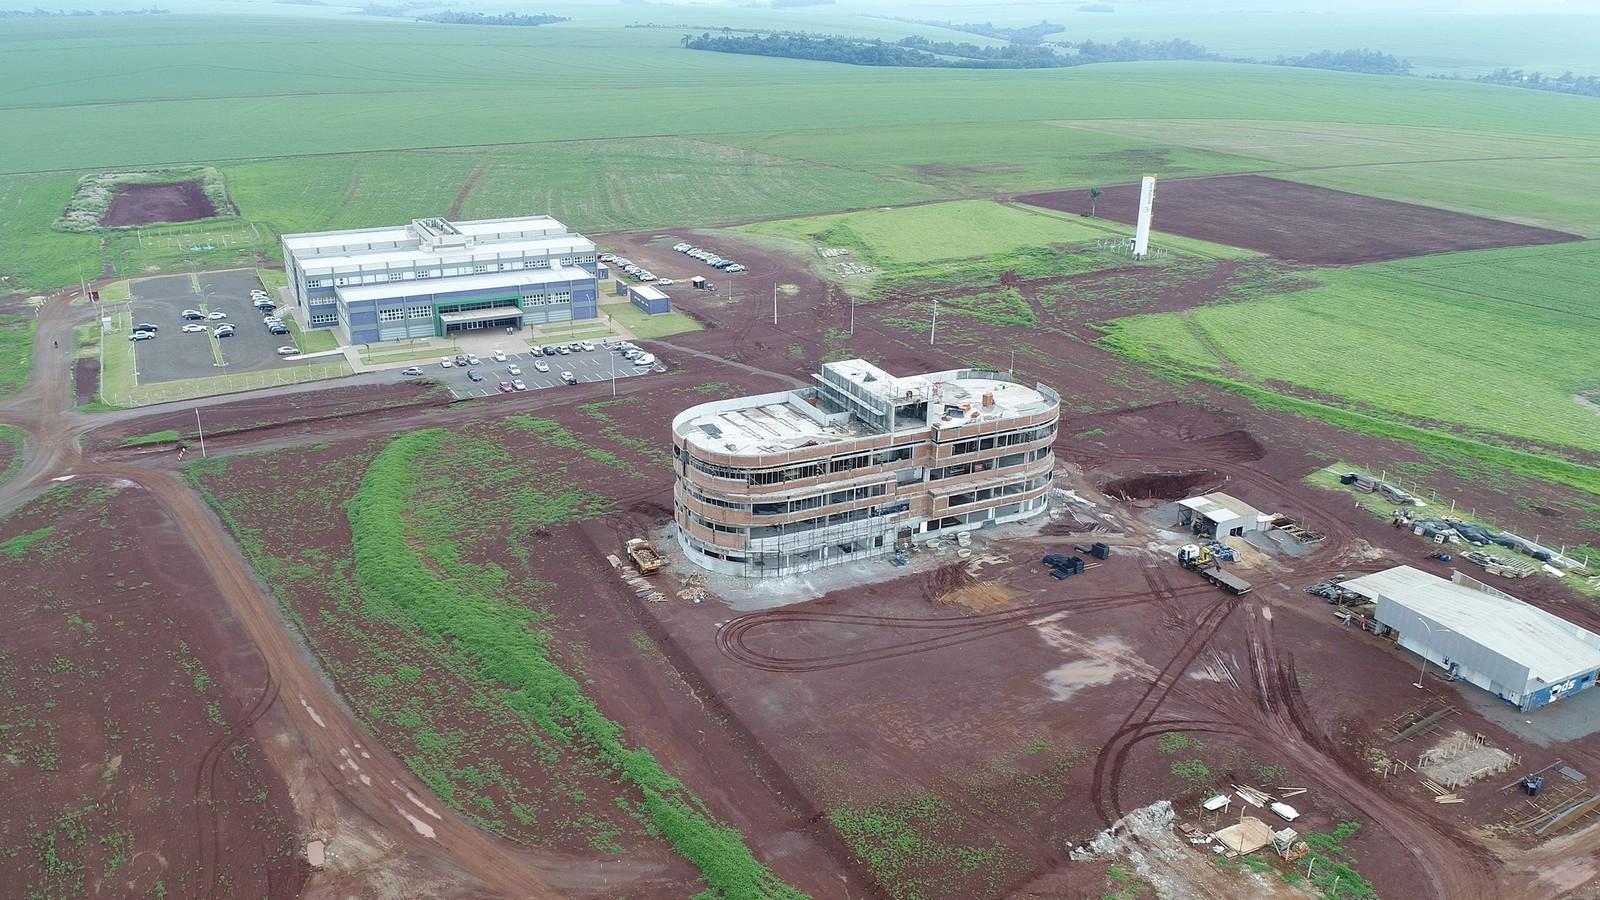 Biopark - construção civil - vagas de emprego